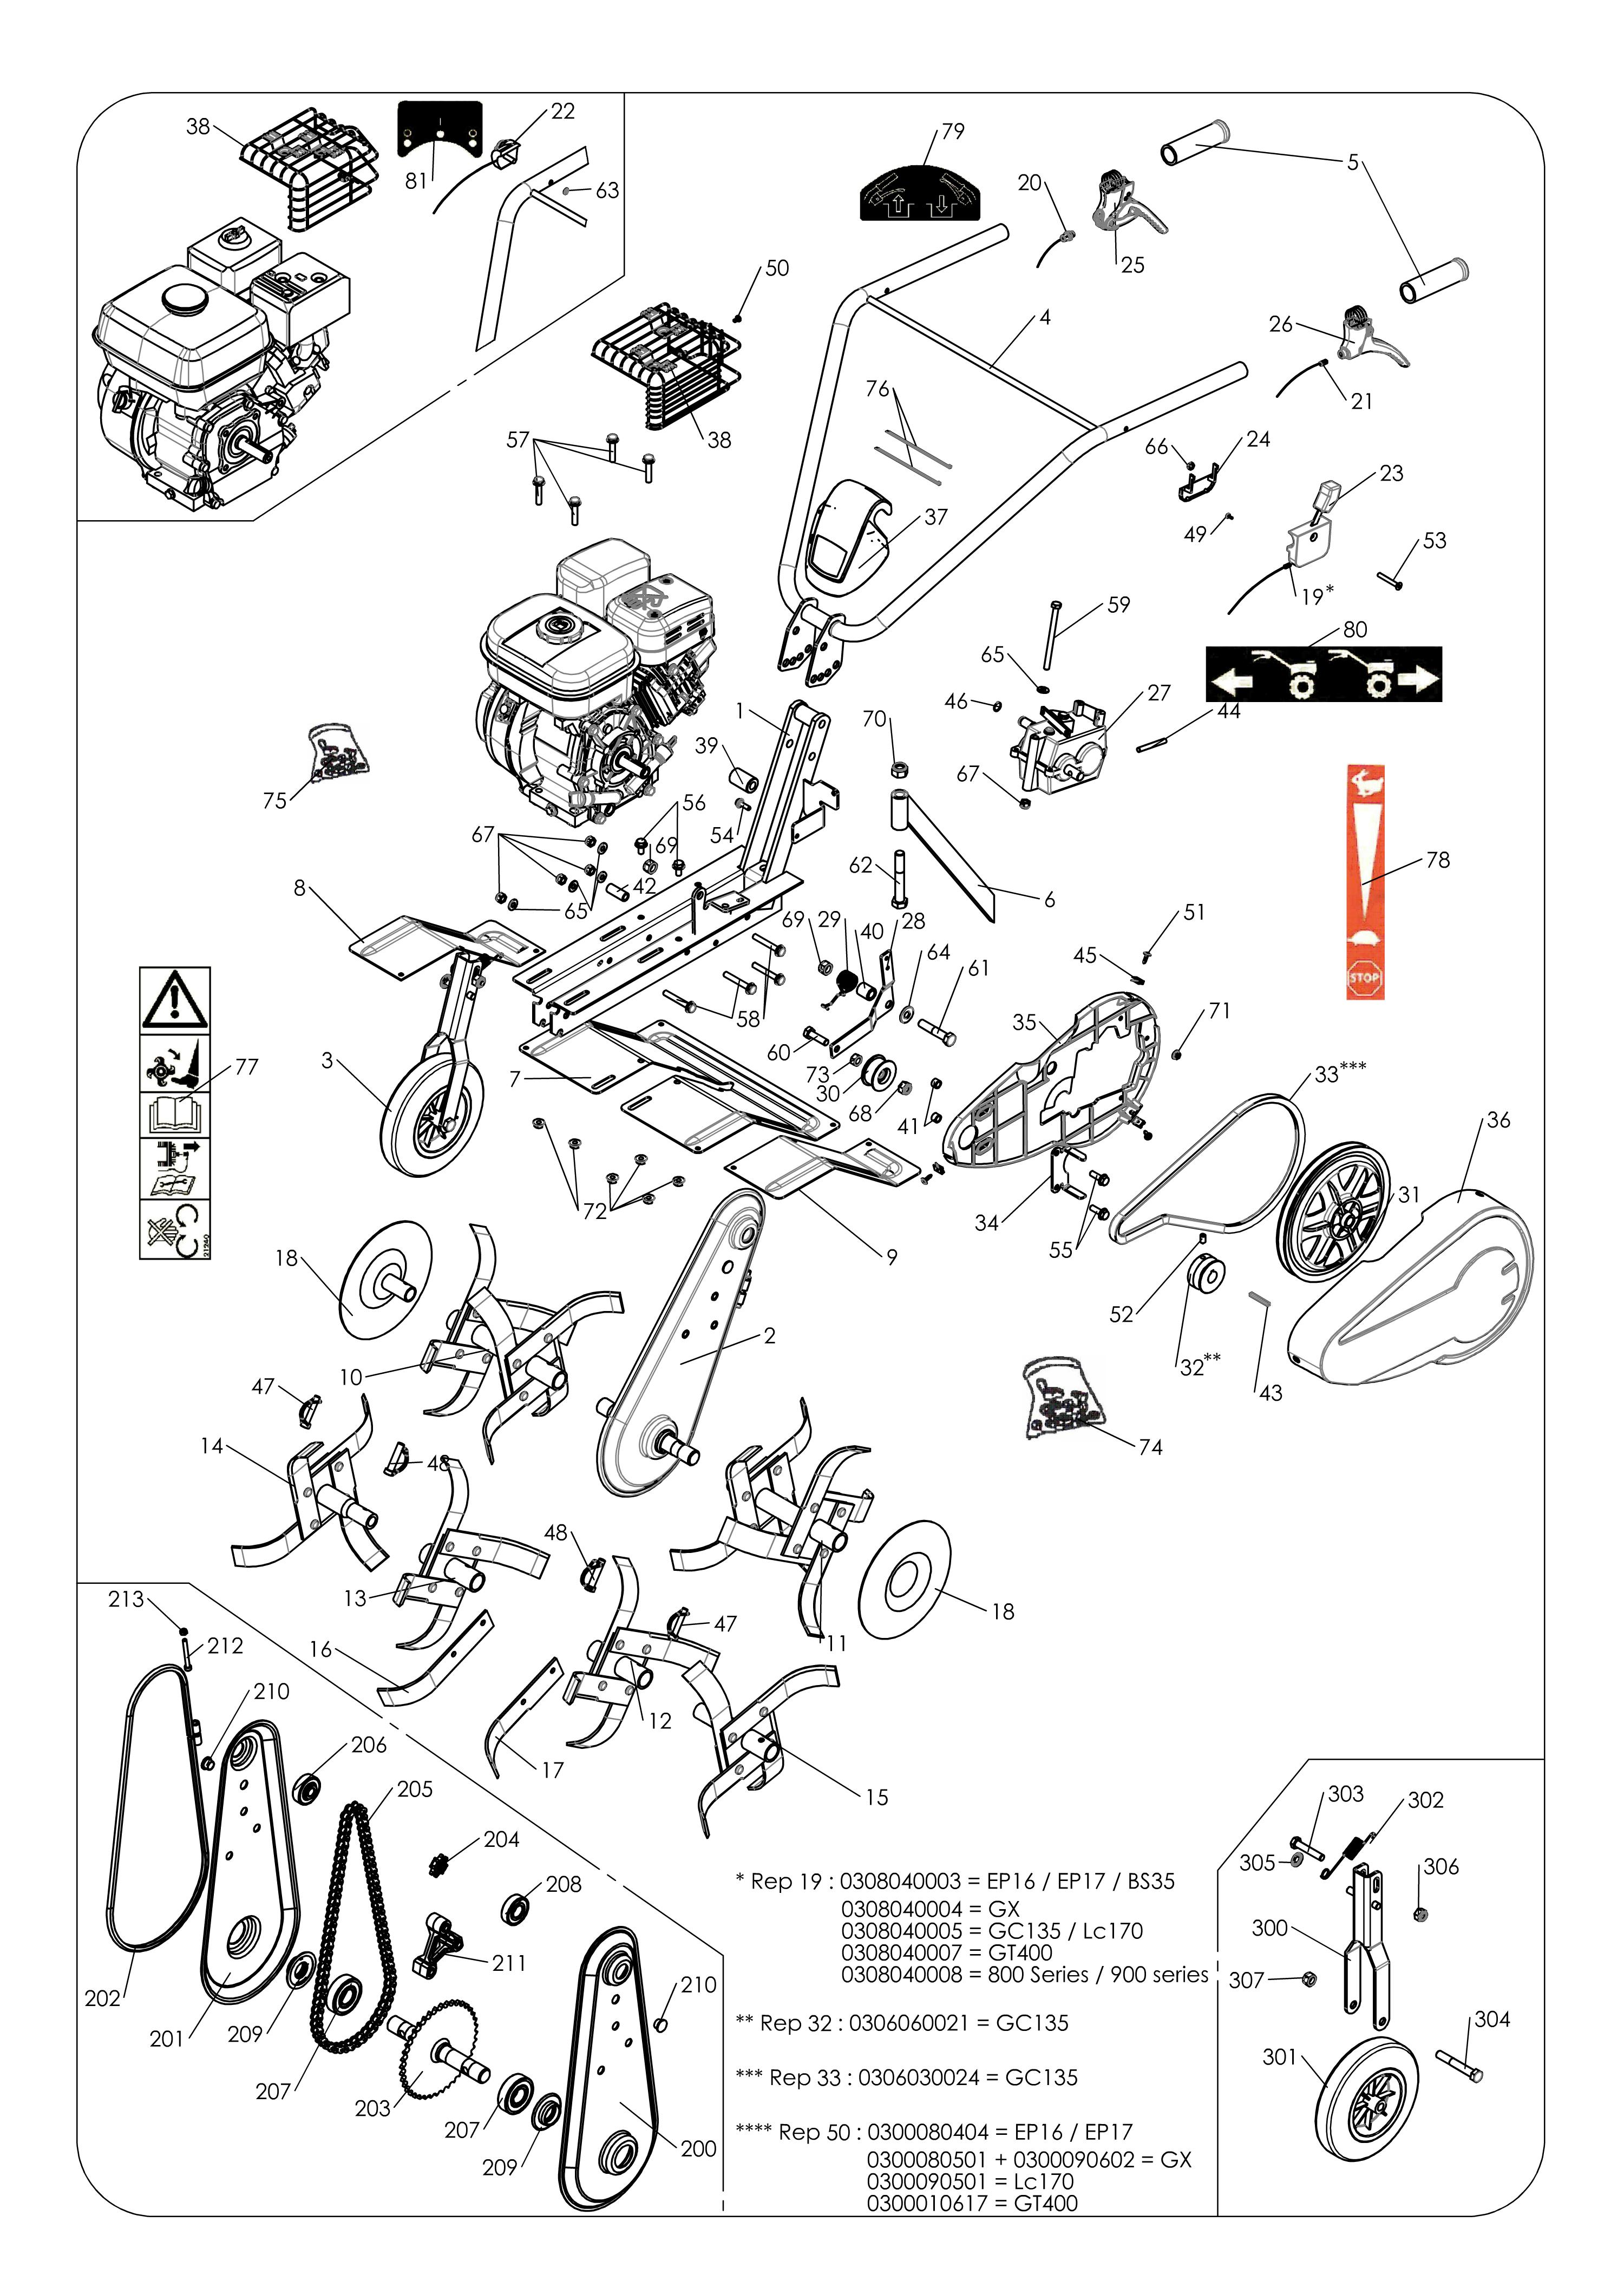 MH 4 PRO version 2011 Motobineuse OLEOMAC Dessins pièces -  Vue éclatée